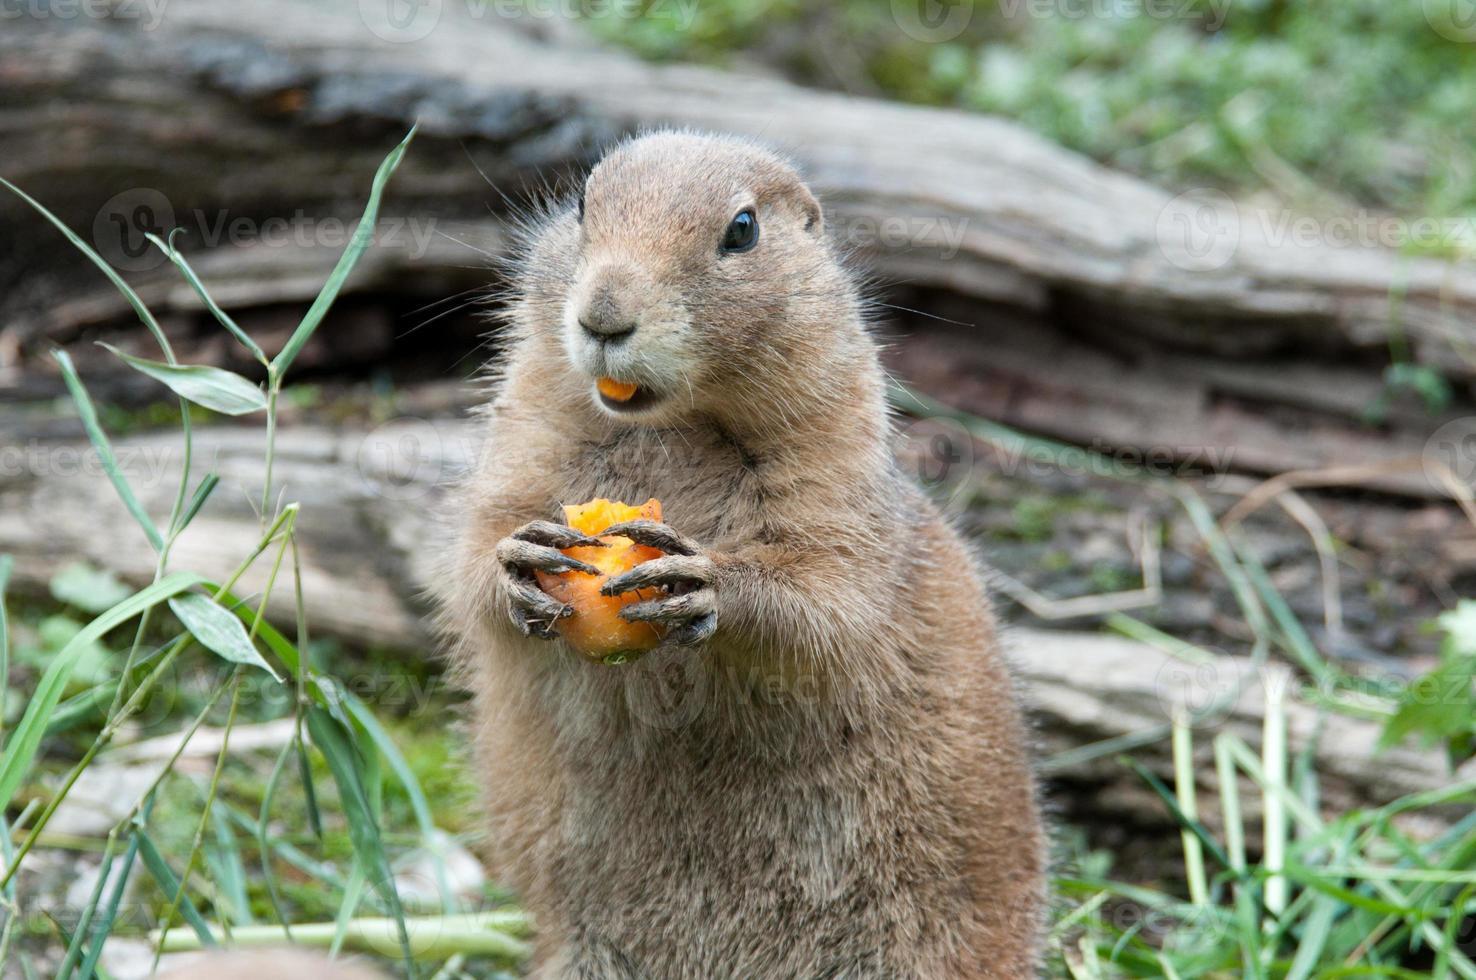 perrito de las praderas de cola negra comiendo una zanahoria foto